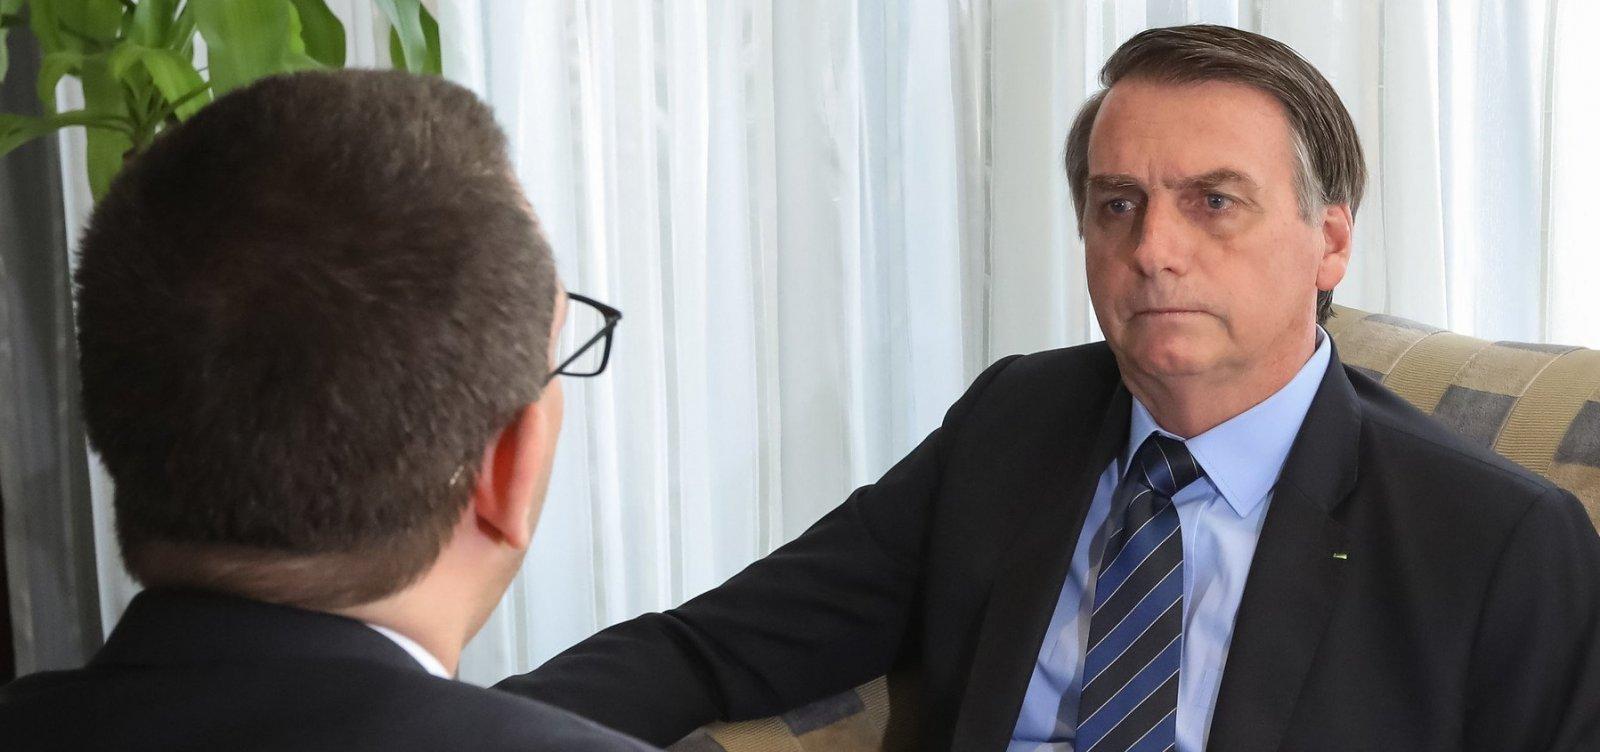 Presidente lamenta fala de Eduardo sobre AI-5